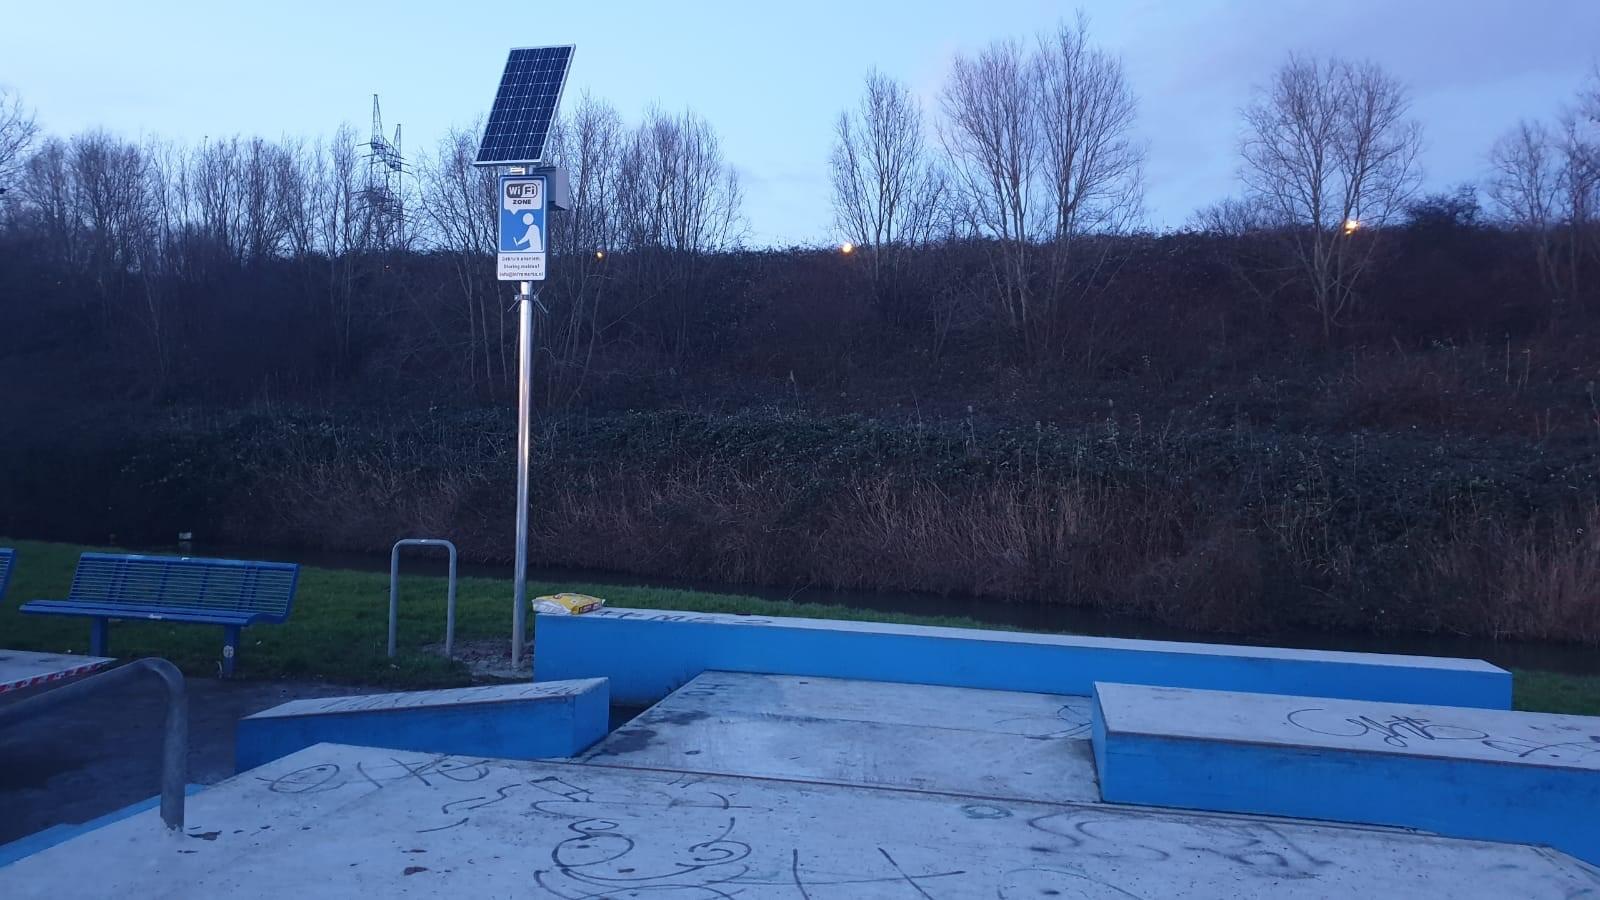 Skatepark WiFi hotspot